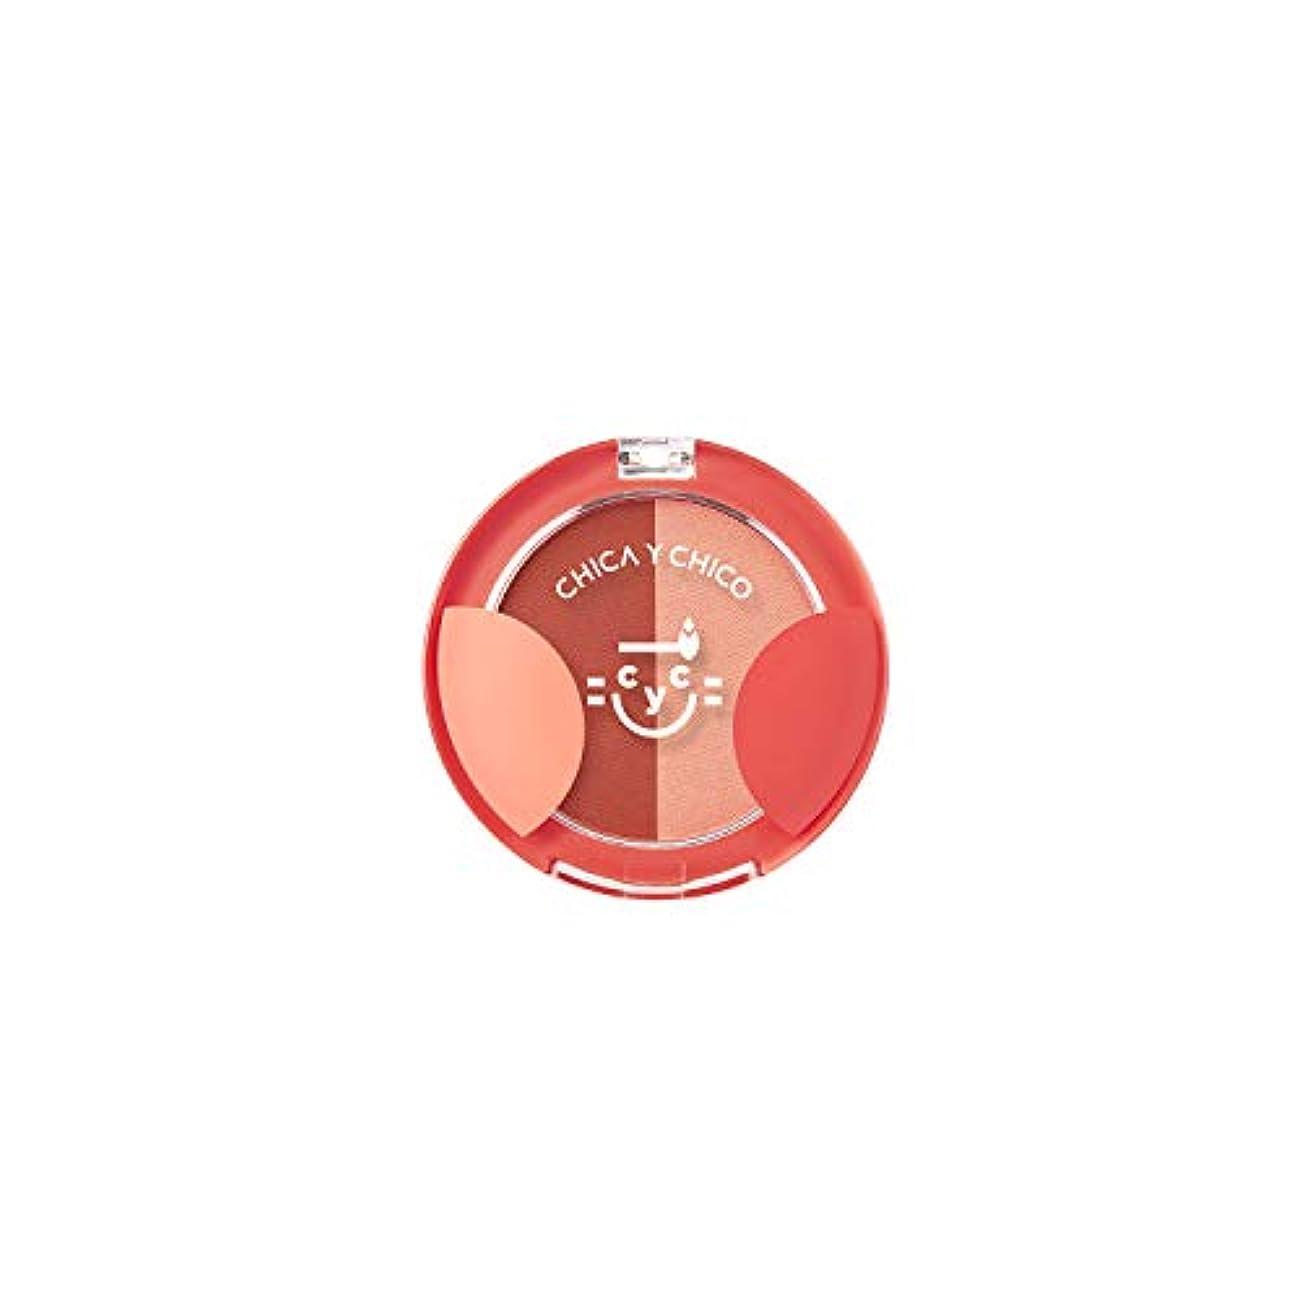 白鳥レイ間違えた[チカイチコ]ワンタッチデュオチーク4号 (ロージーボンファイア)■高発色